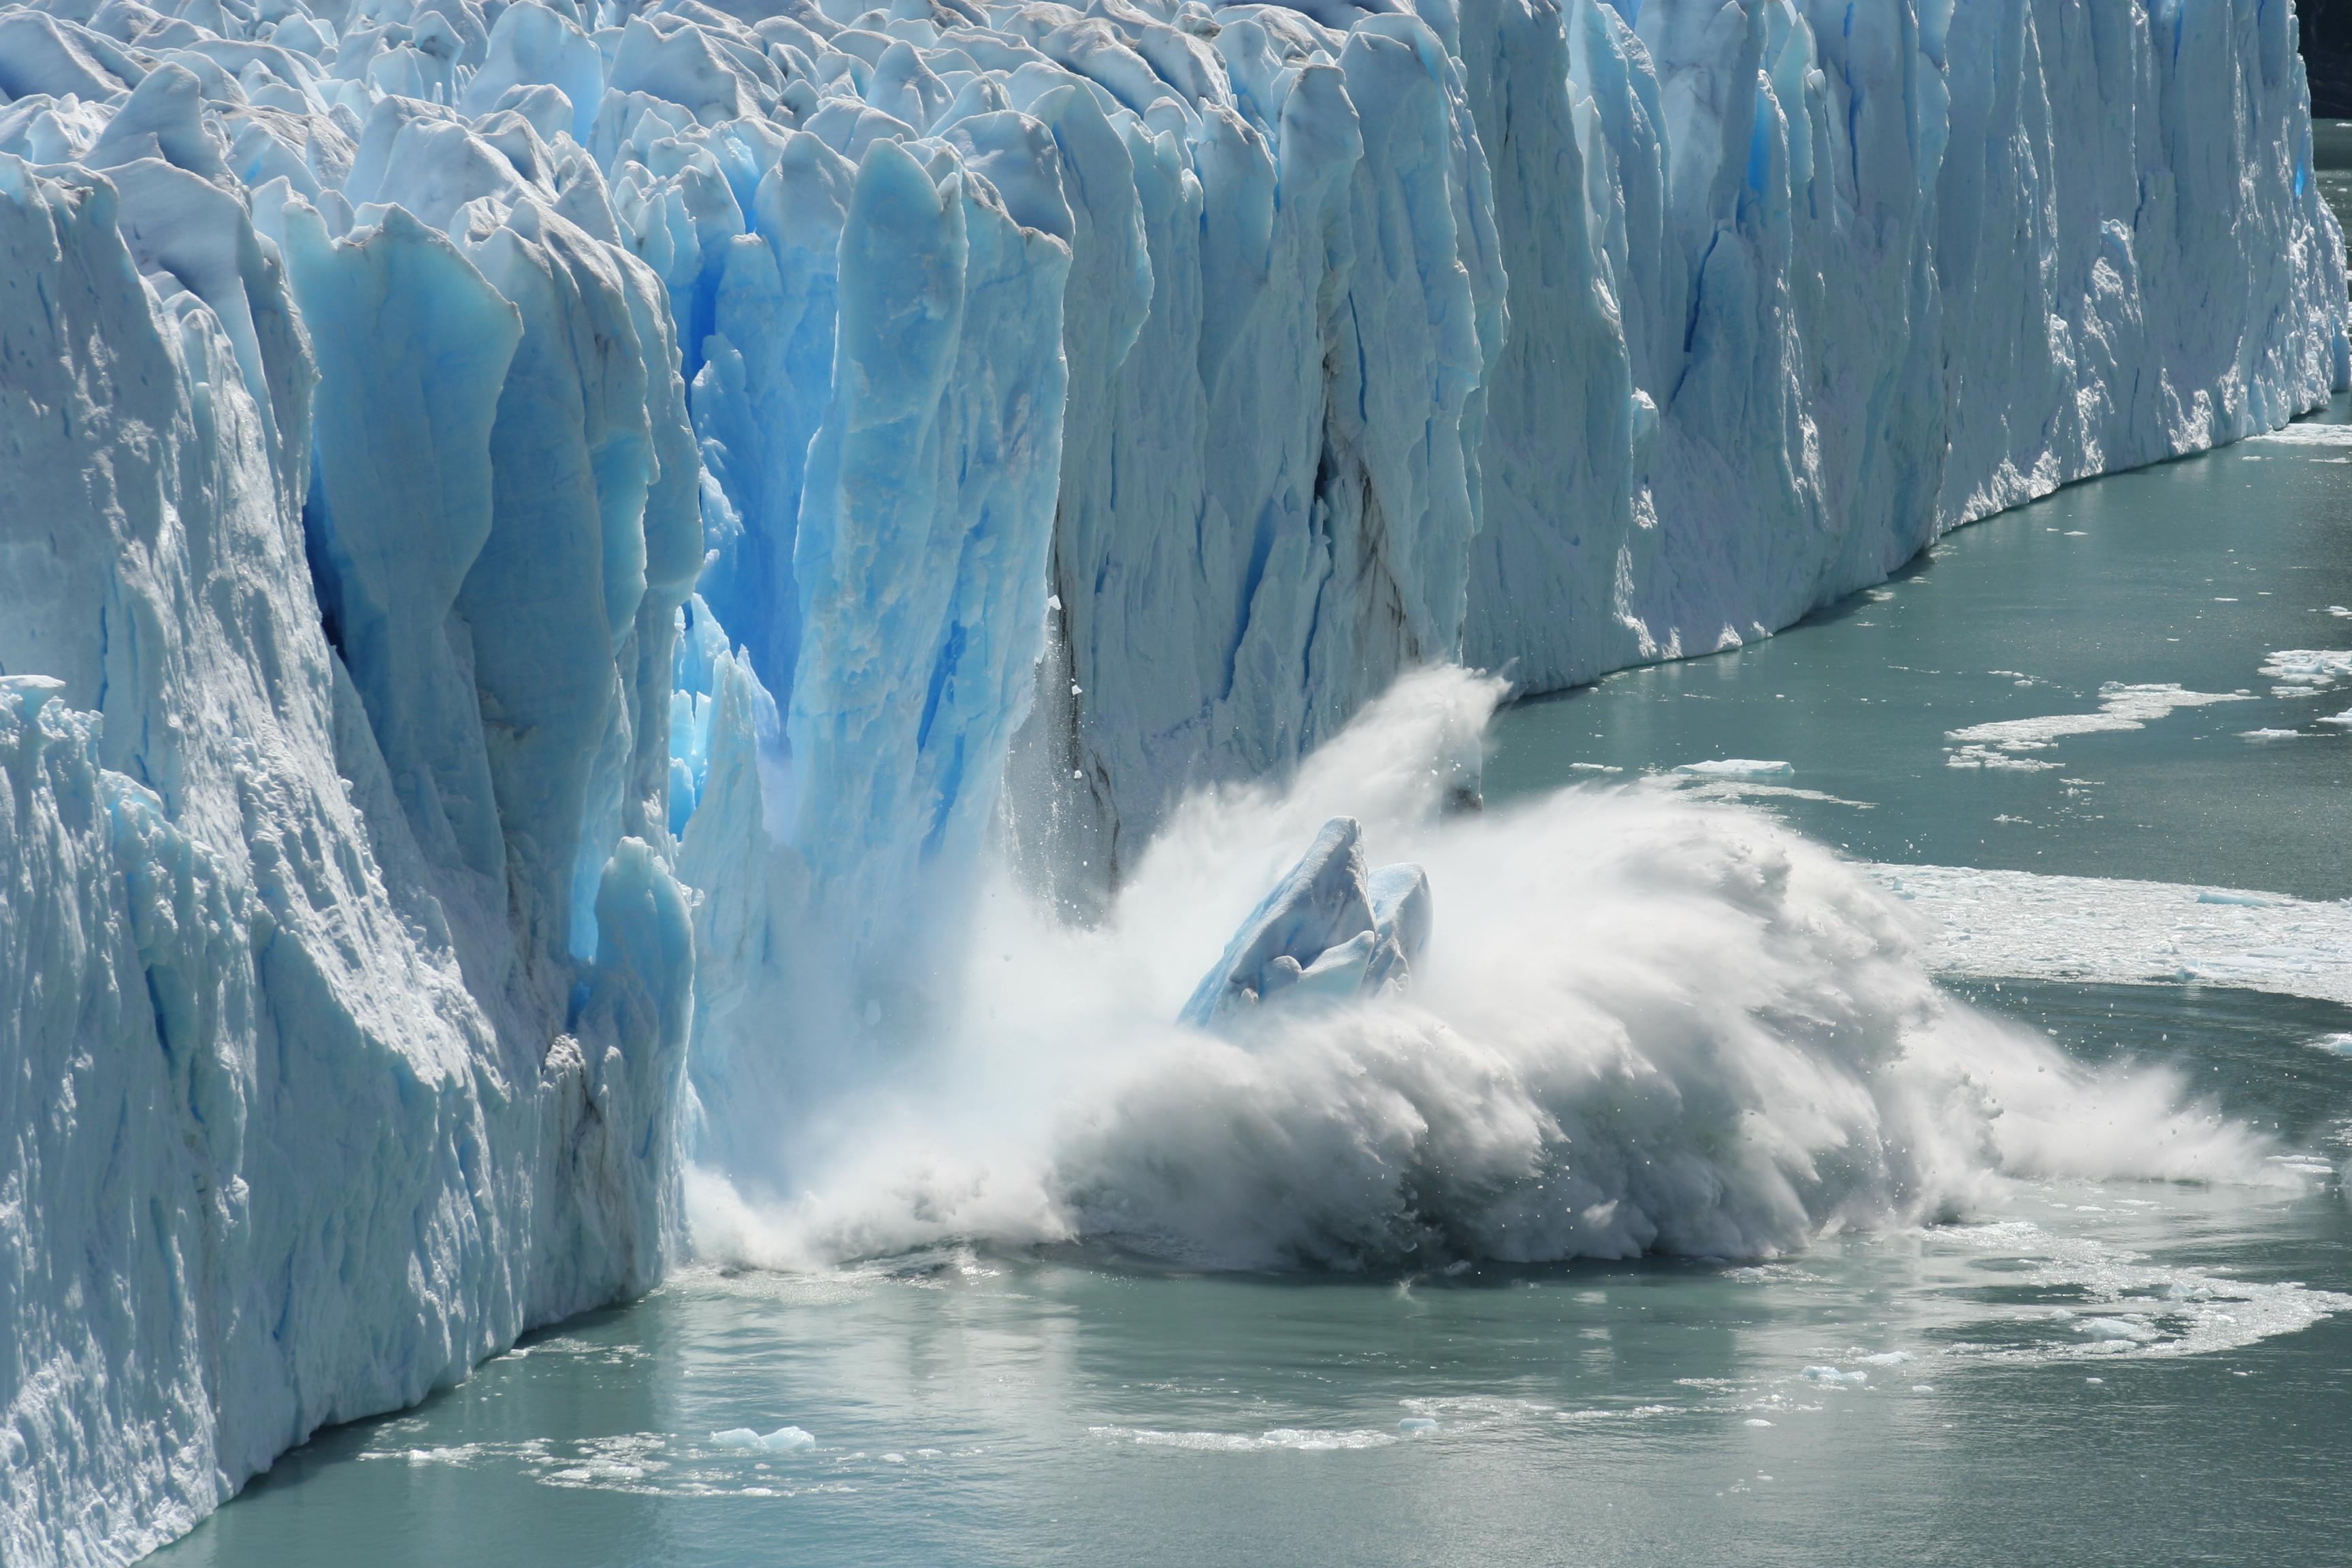 Redução das calotas polares ocorreu por maior incidência de radiação solar, mas concentração de gases acelerou aquecimento.